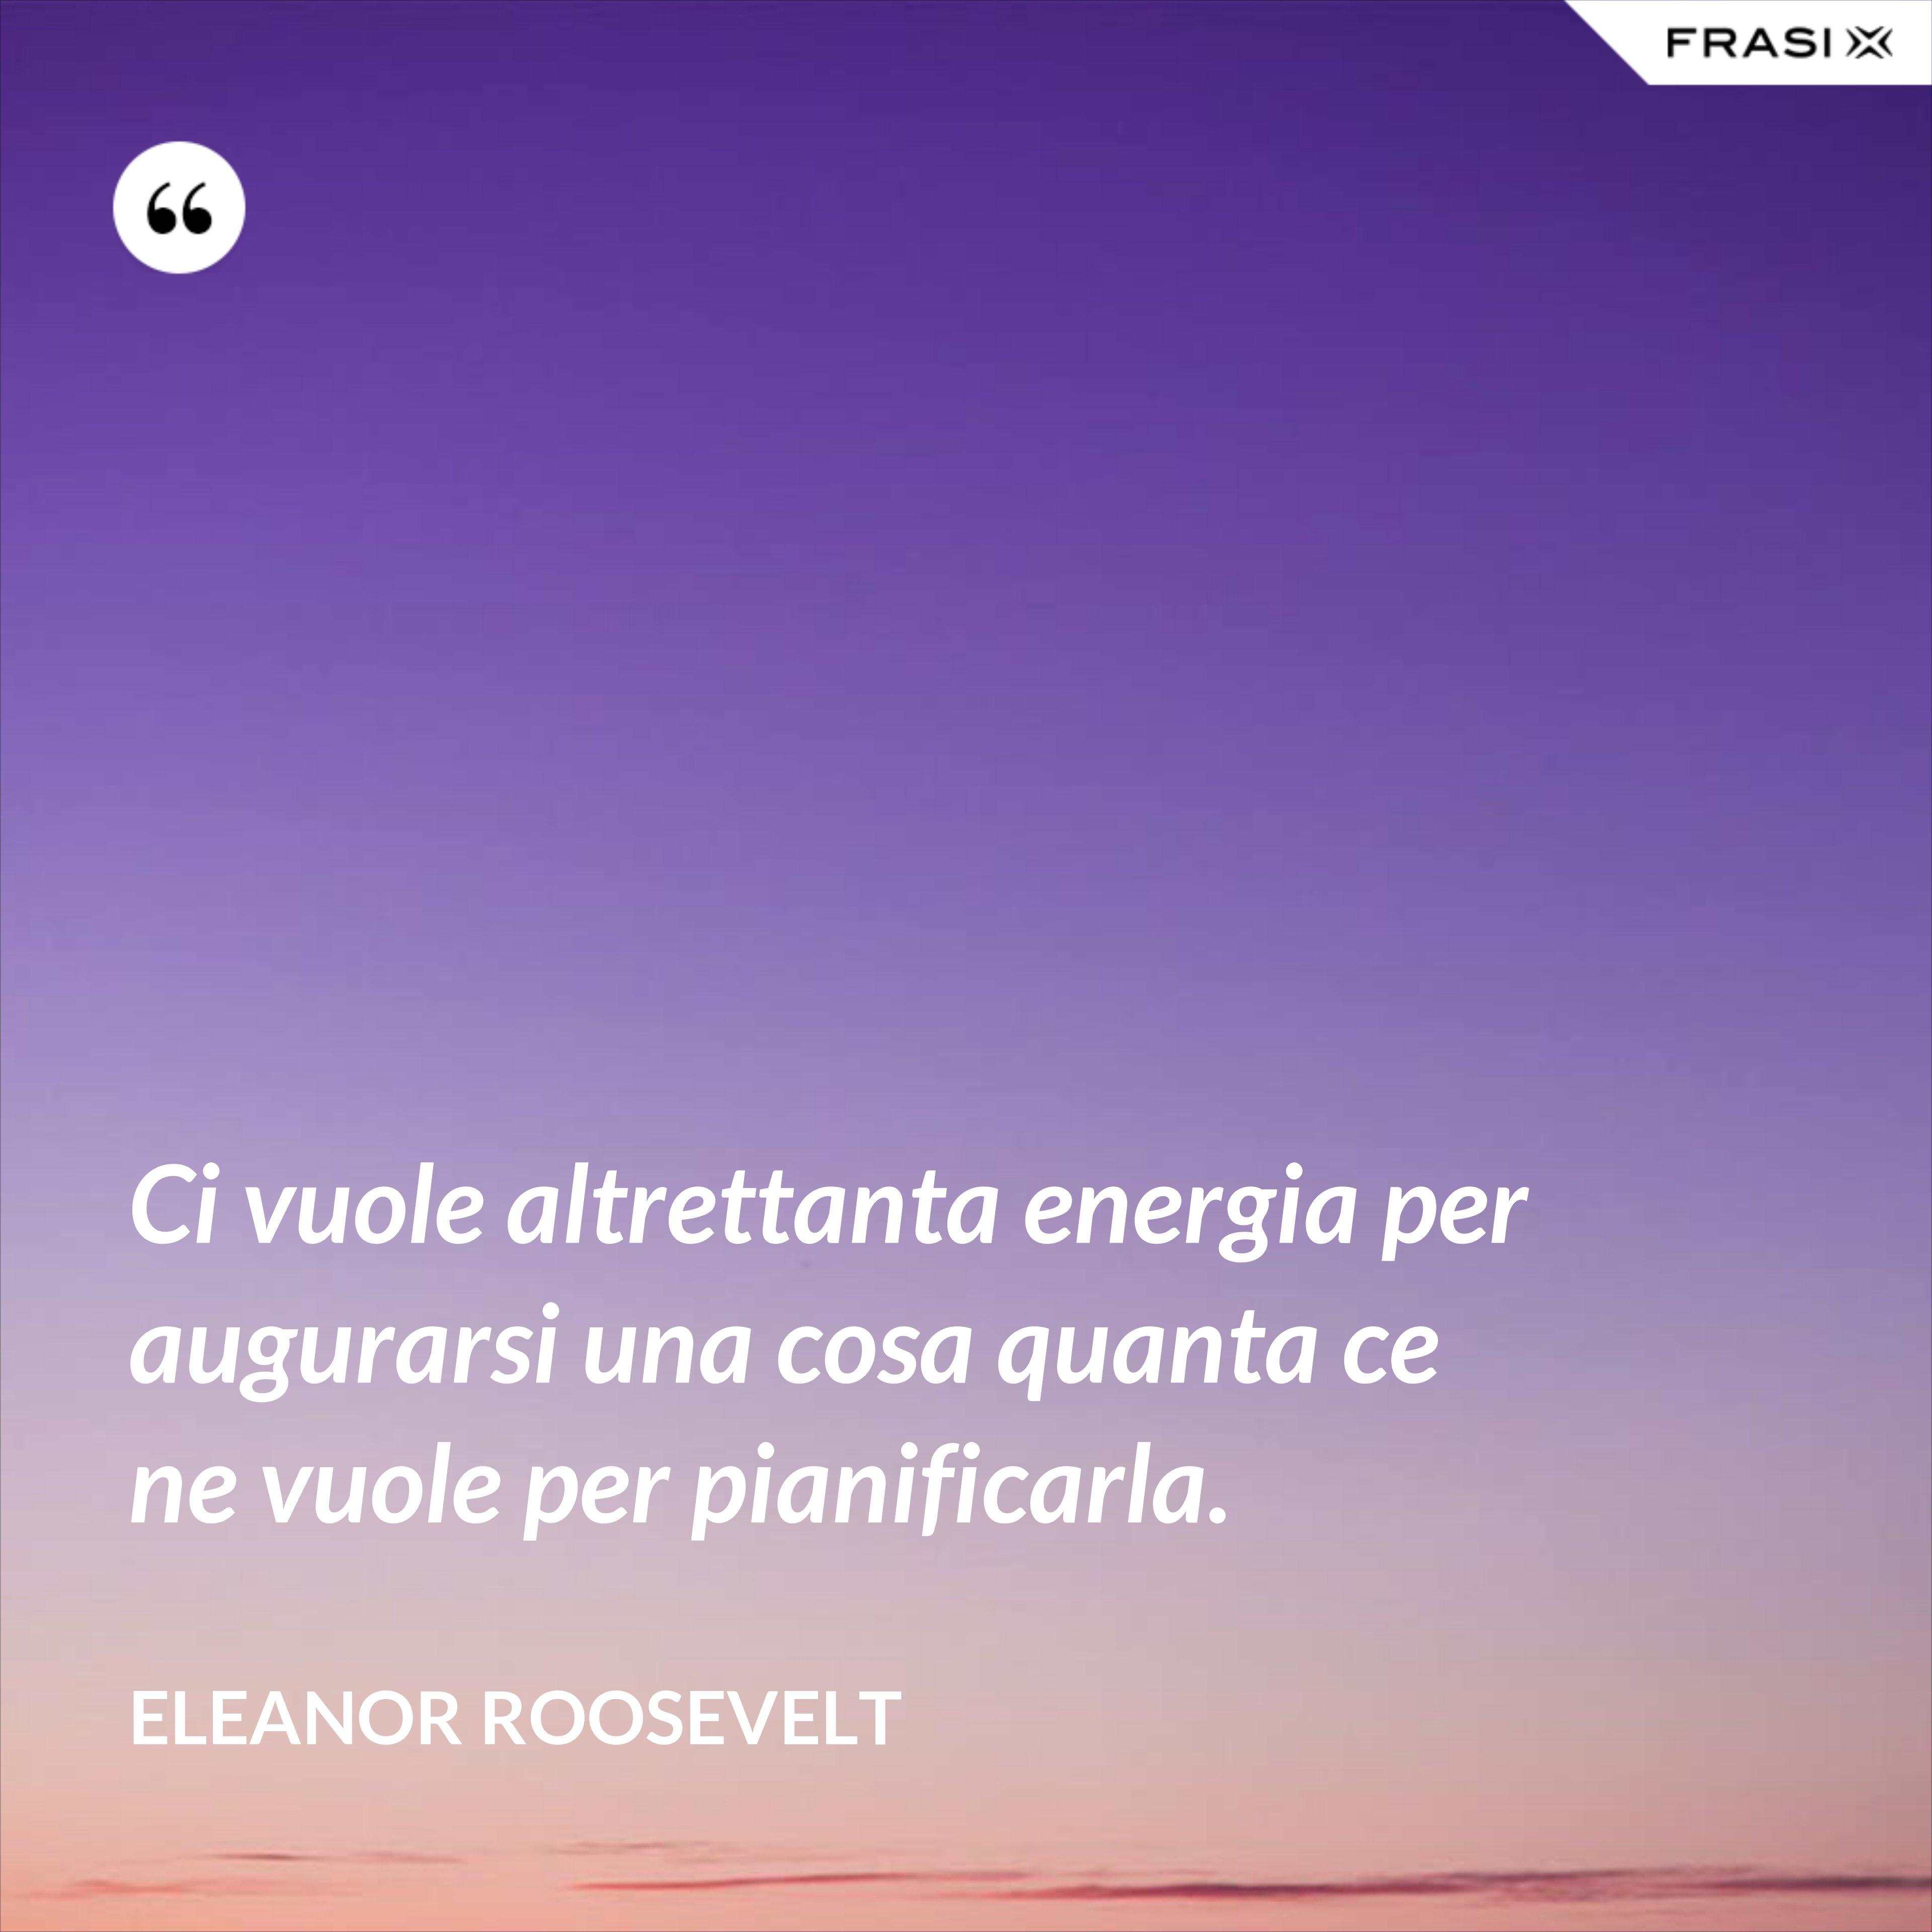 Ci vuole altrettanta energia per augurarsi una cosa quanta ce ne vuole per pianificarla. - Eleanor Roosevelt